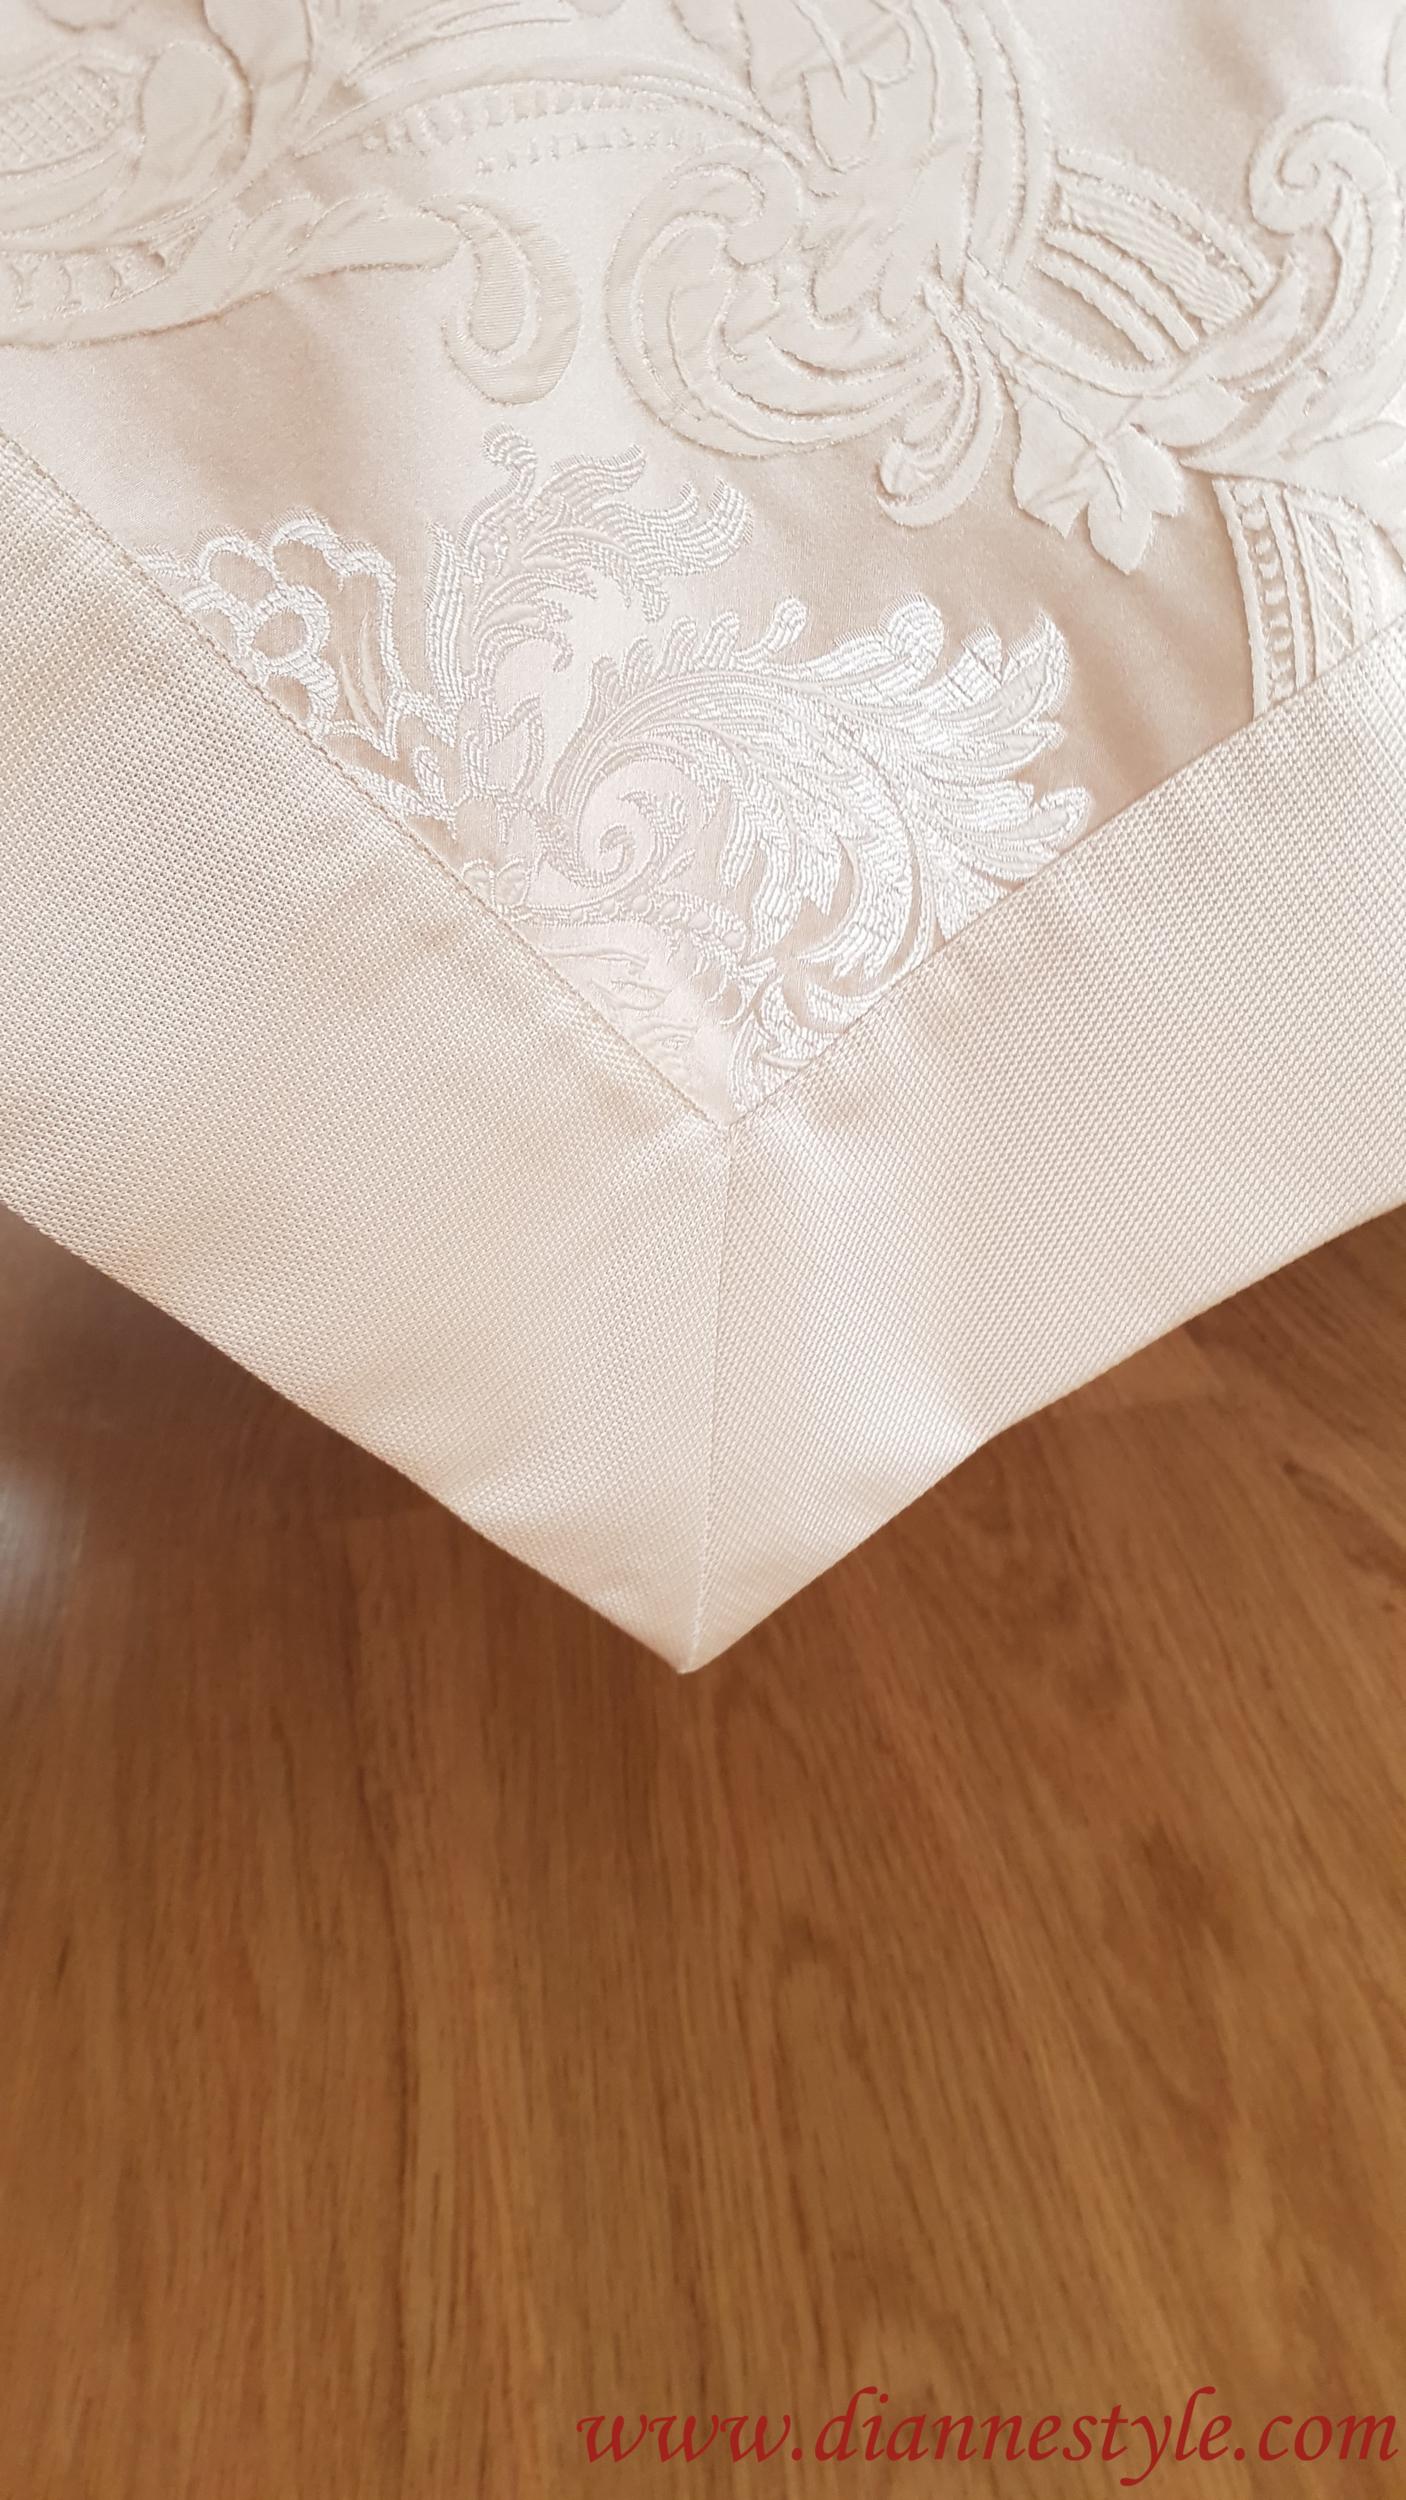 Nappe de table damassée beige Prestige 160x310 cm. Réf. 140